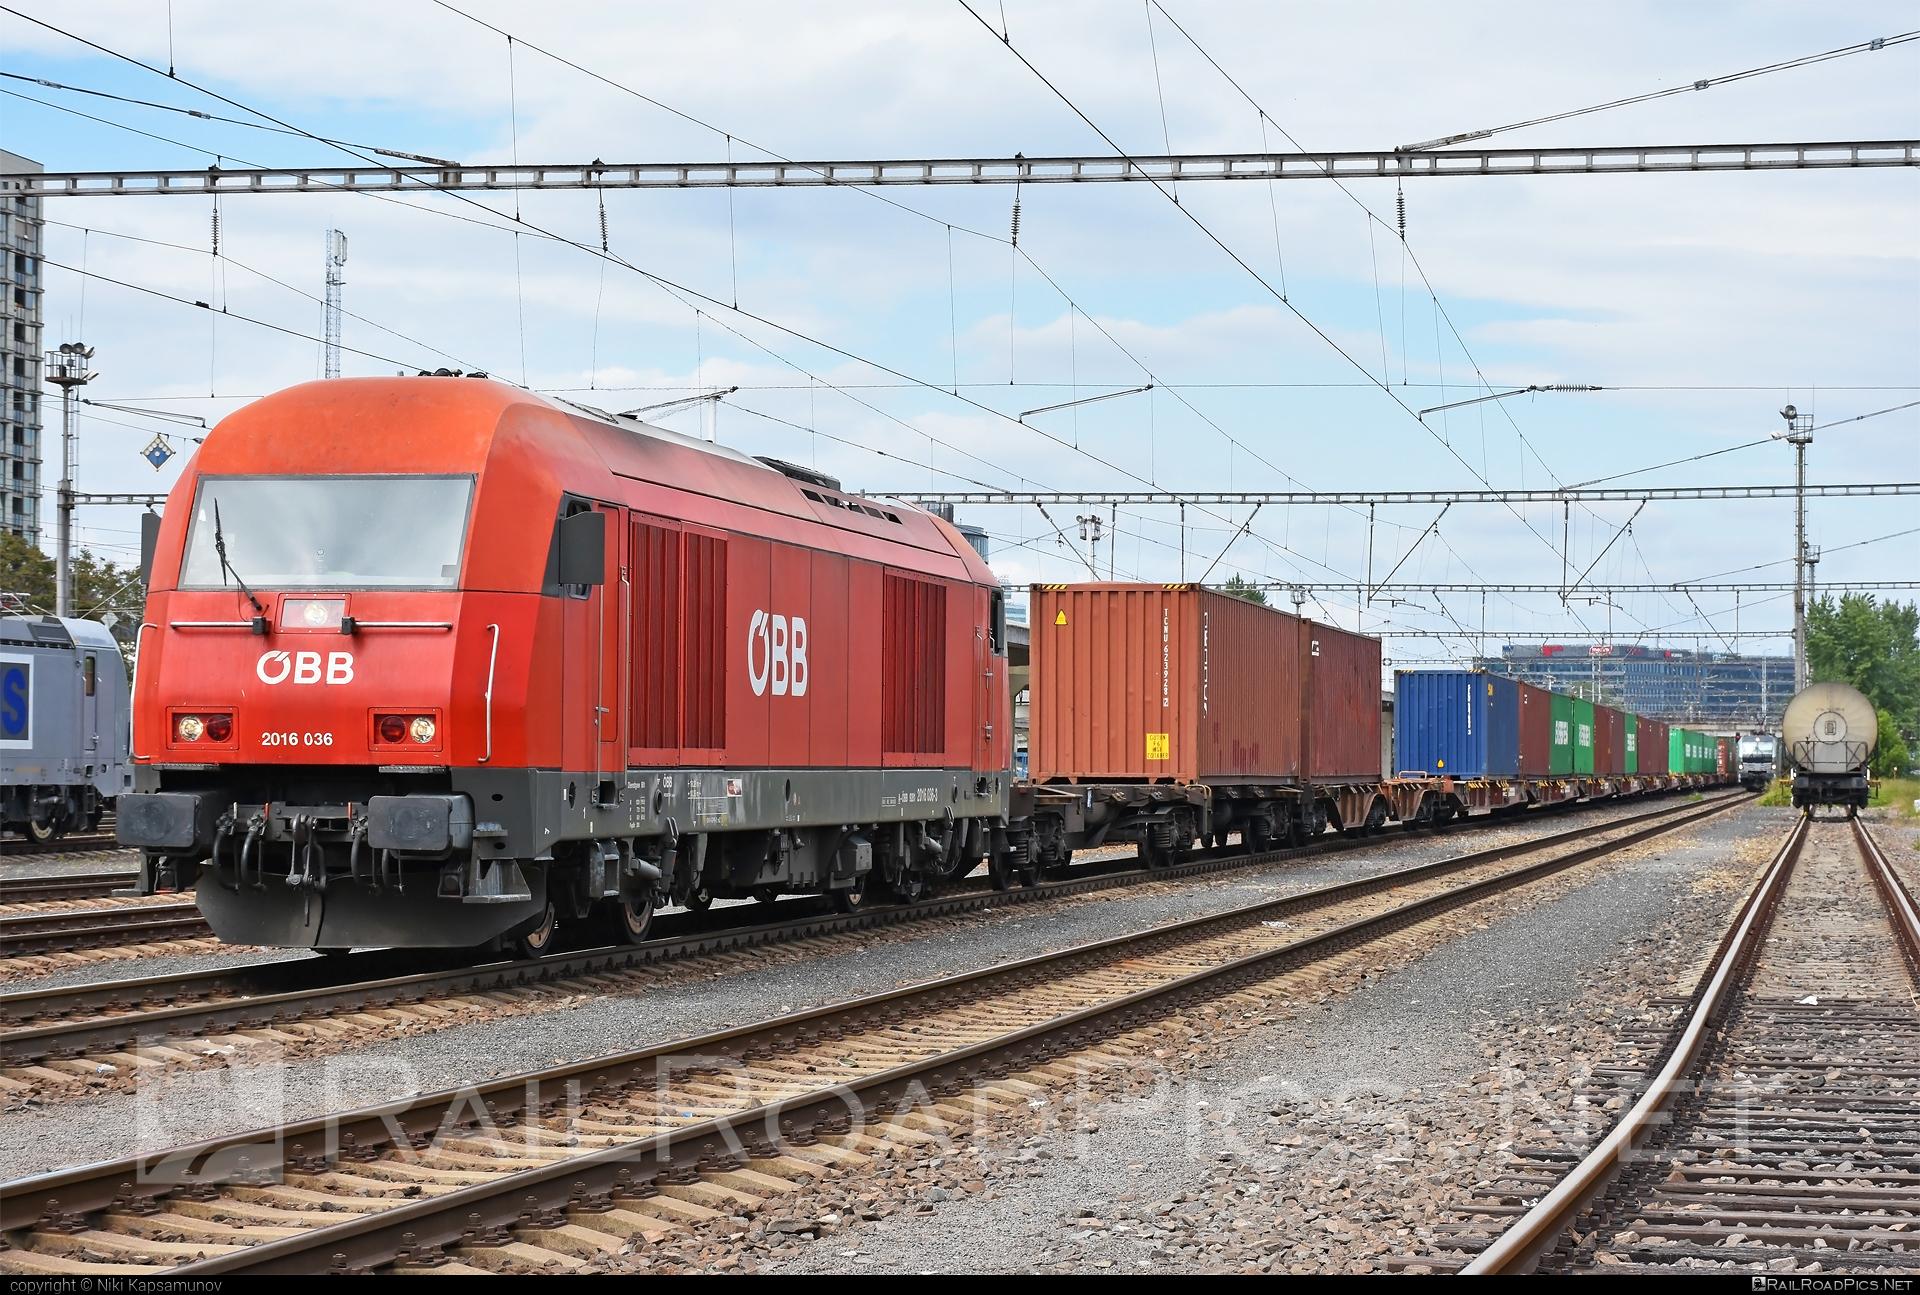 Siemens ER20 - 2016 036 operated by Rail Cargo Austria AG #er20 #er20hercules #eurorunner #hercules #obb #osterreichischebundesbahnen #rcw #siemens #siemenser20 #siemenser20hercules #siemenseurorunner #siemenshercules